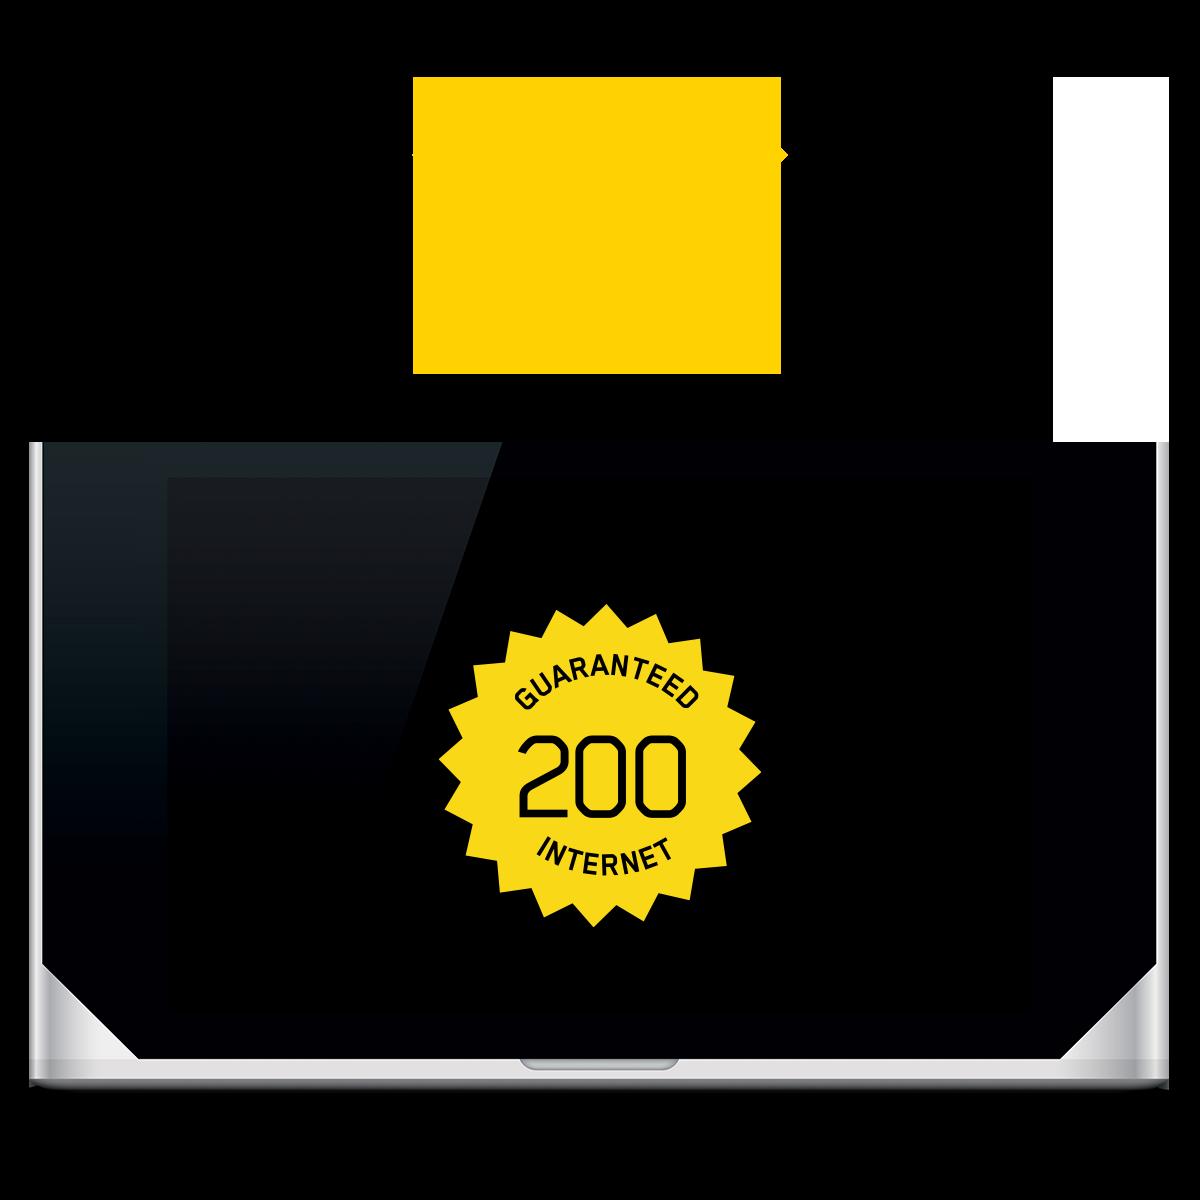 GUARANTEED 200 INTERNET + WI-FI PRO